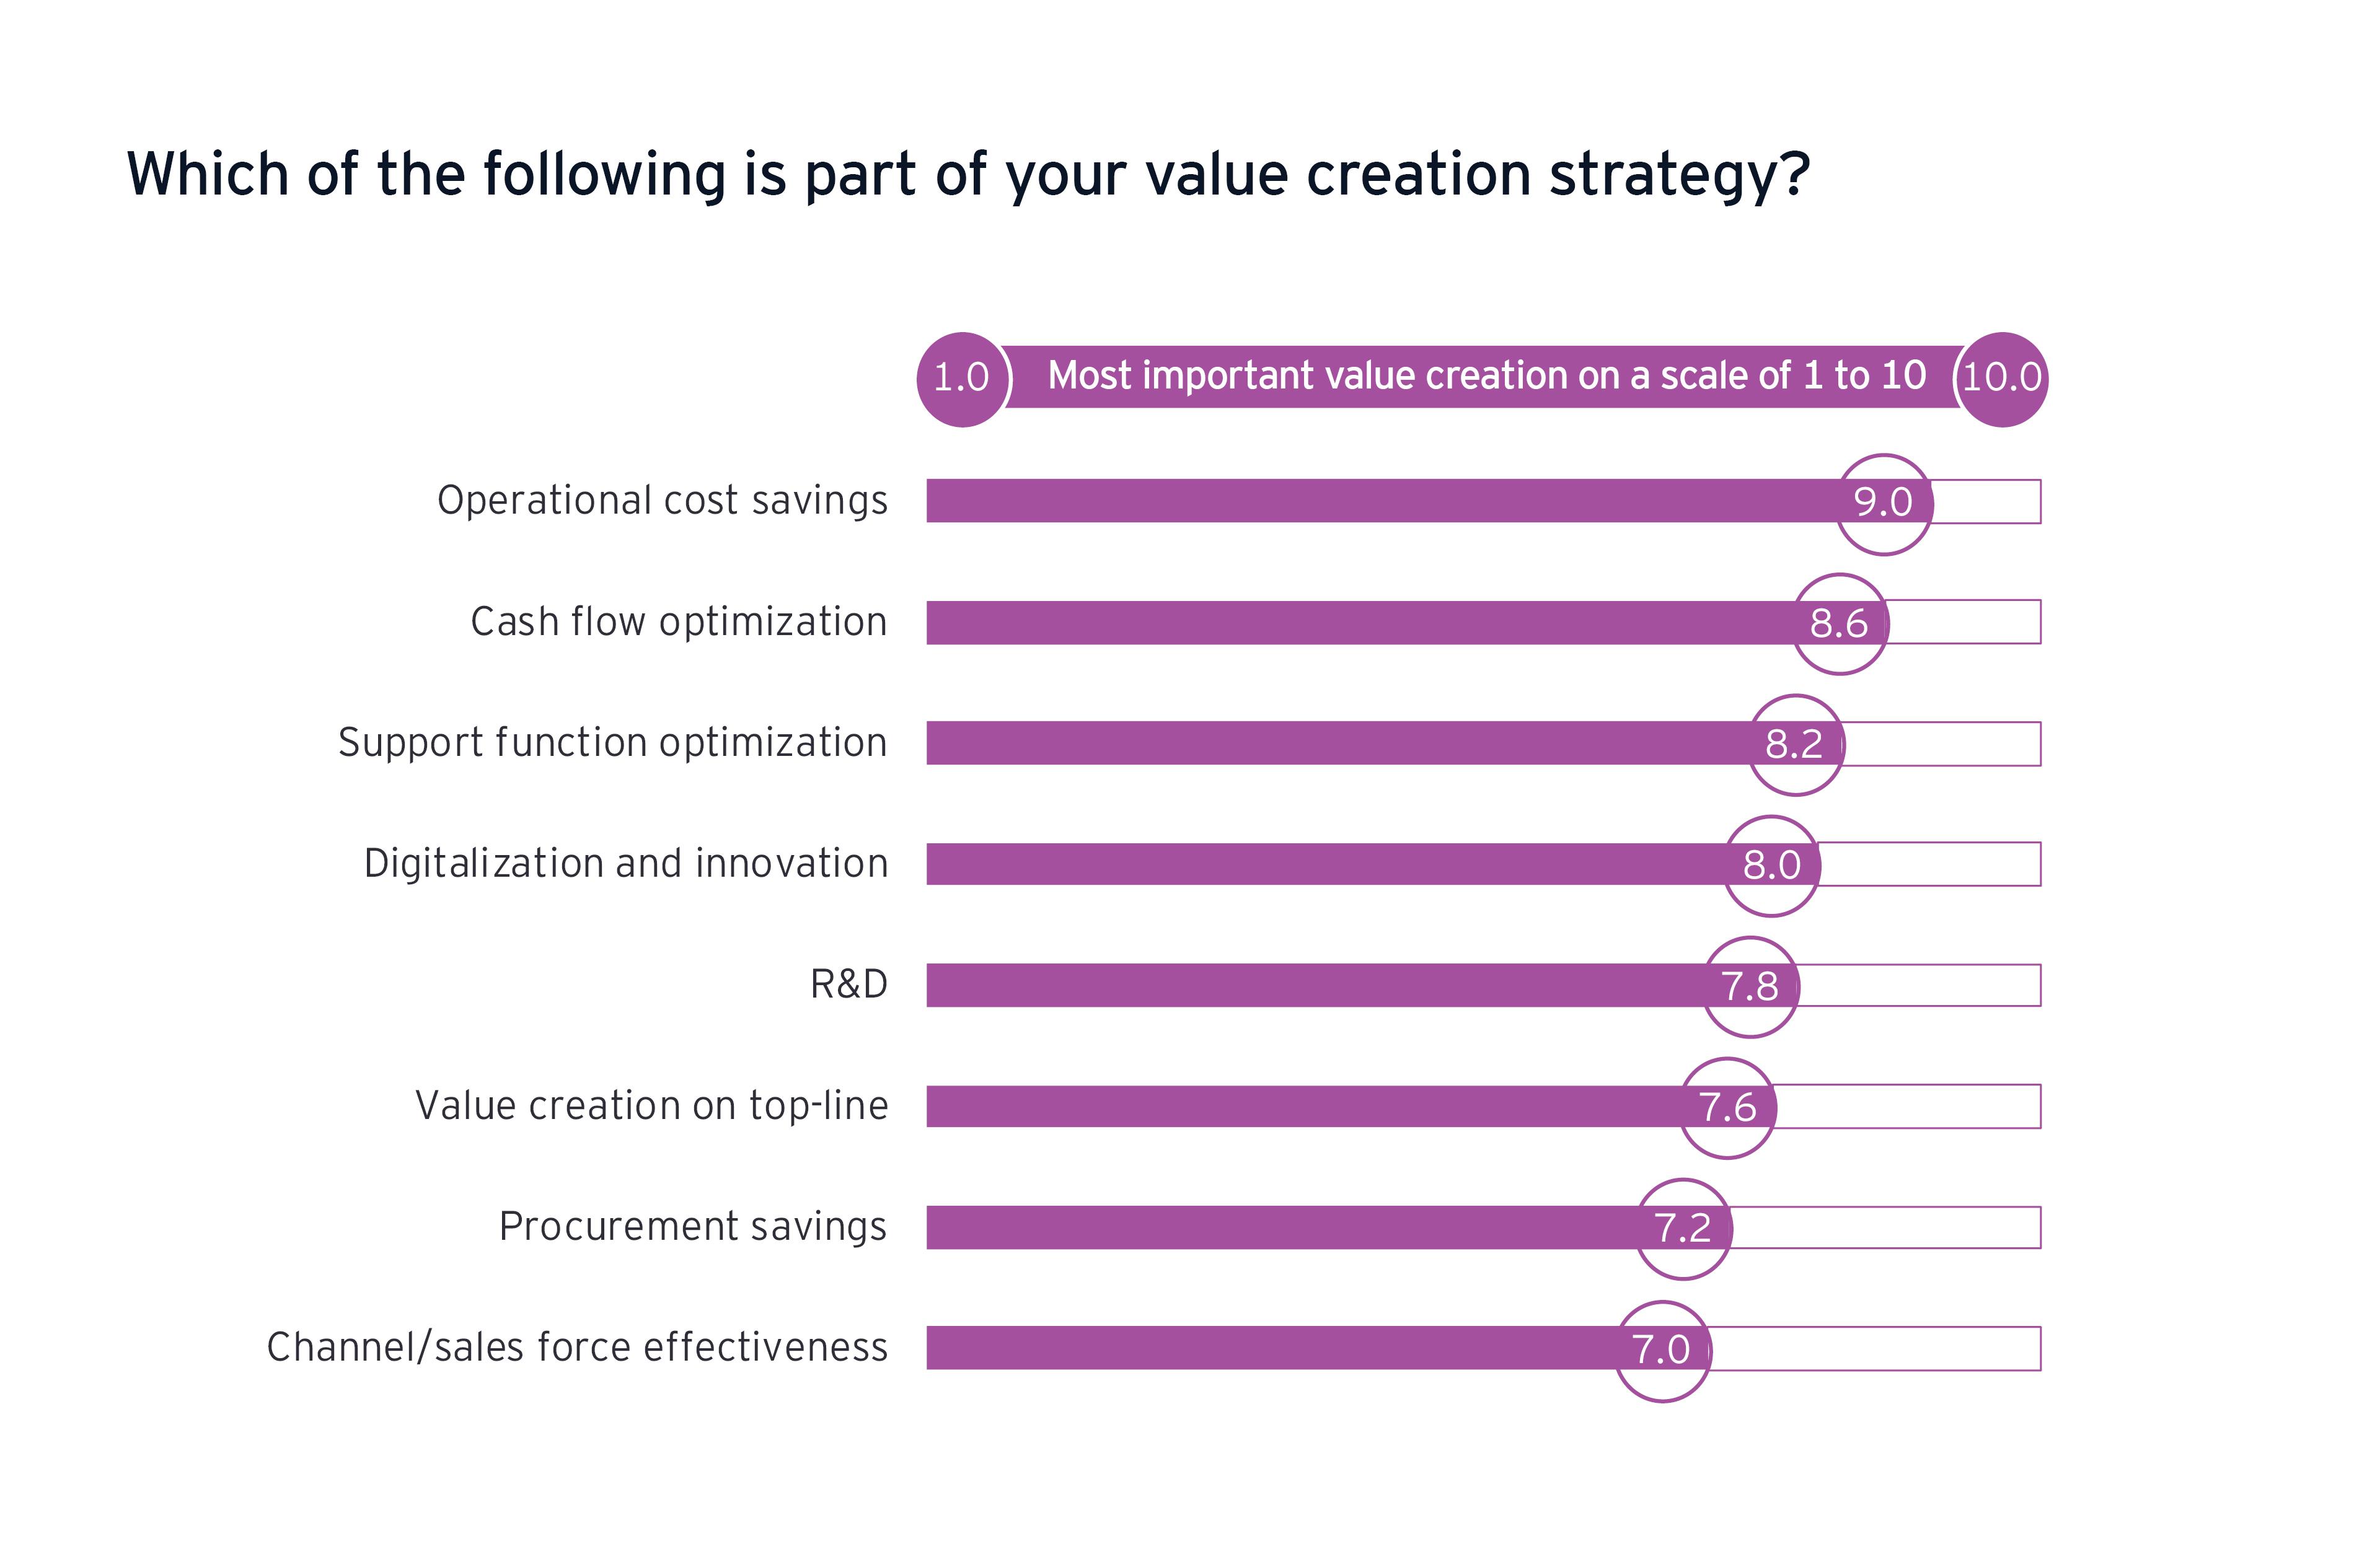 Quale dei seguenti elementi fa parte della strategia di creazione del valore